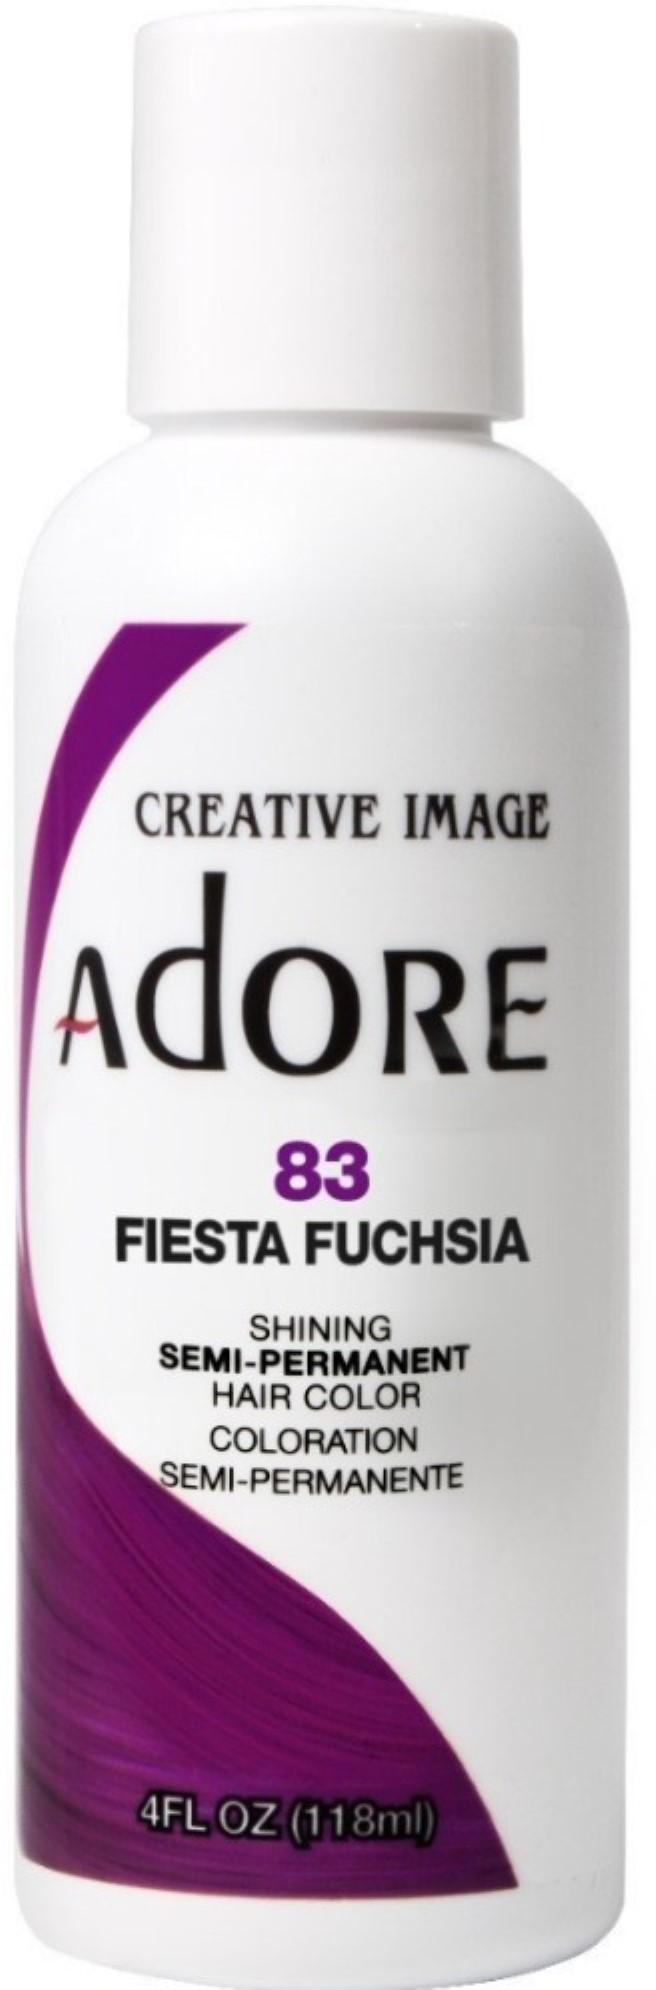 Semi-Permanent Haircolor - 83 Fiesta Fuchsia